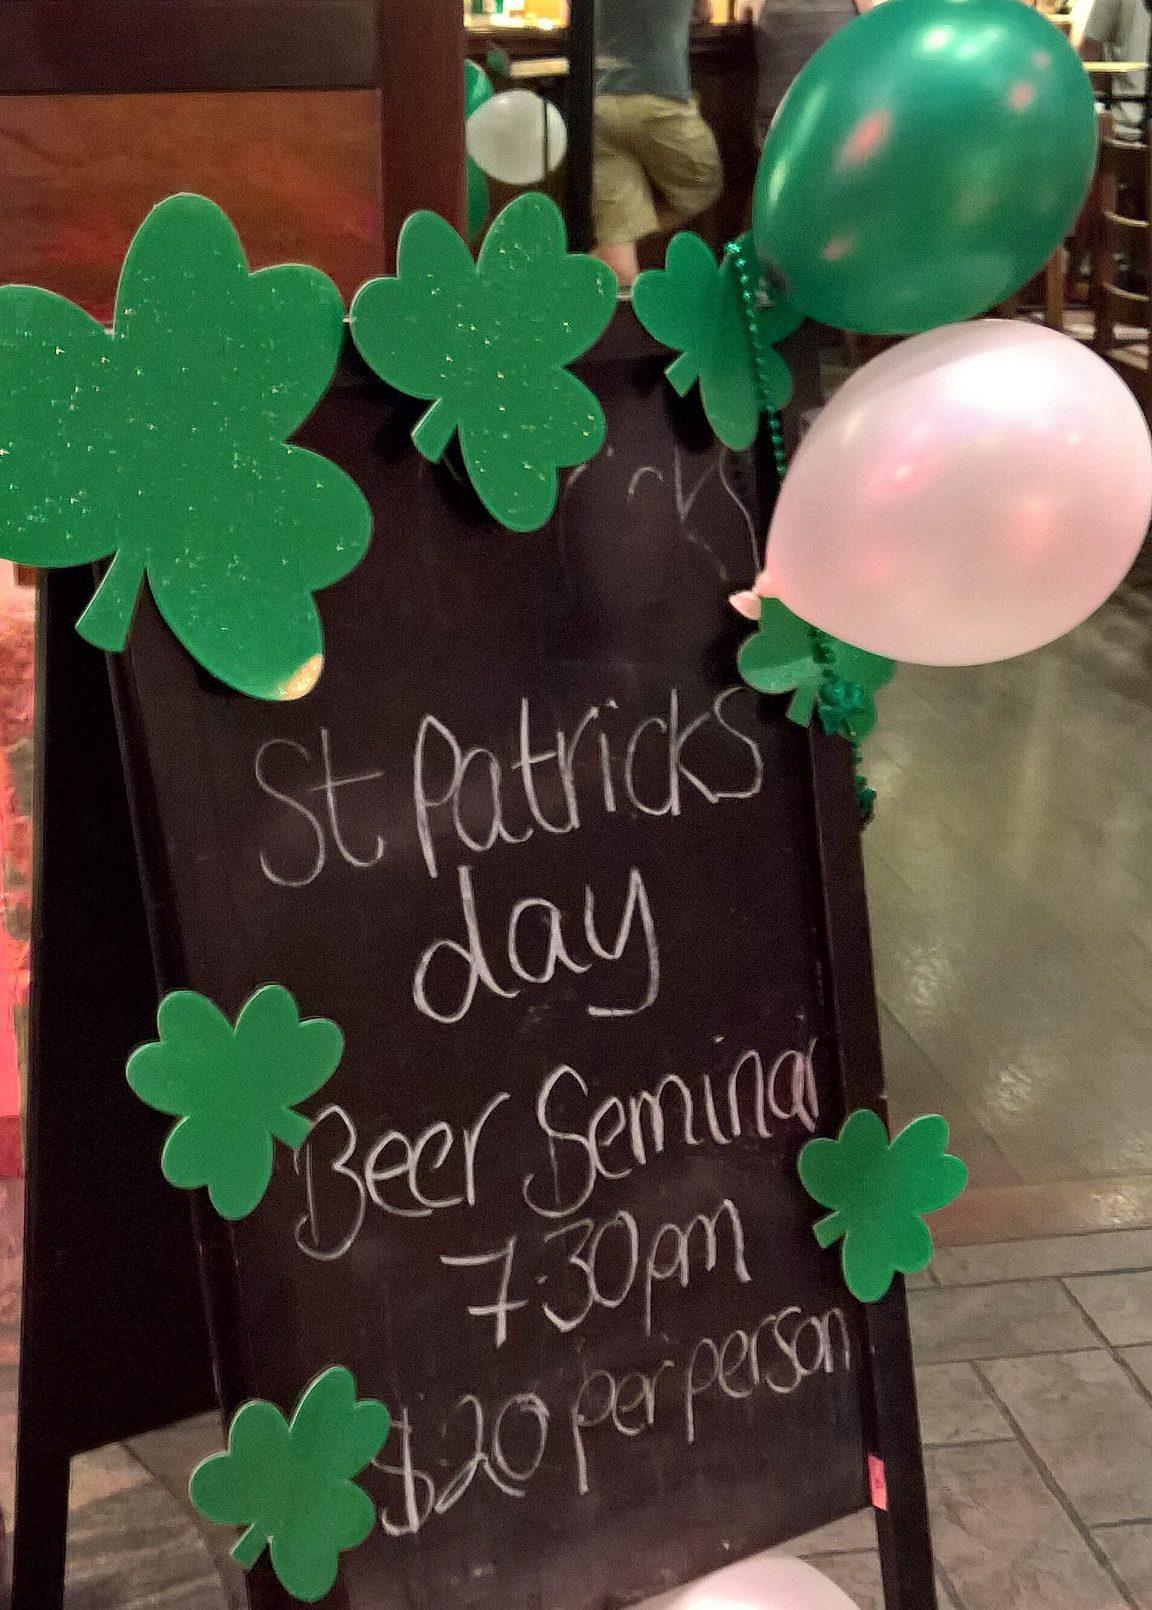 St. Patrick's Day - olutmaistelu, jos mikä sopii ohjelmaan.